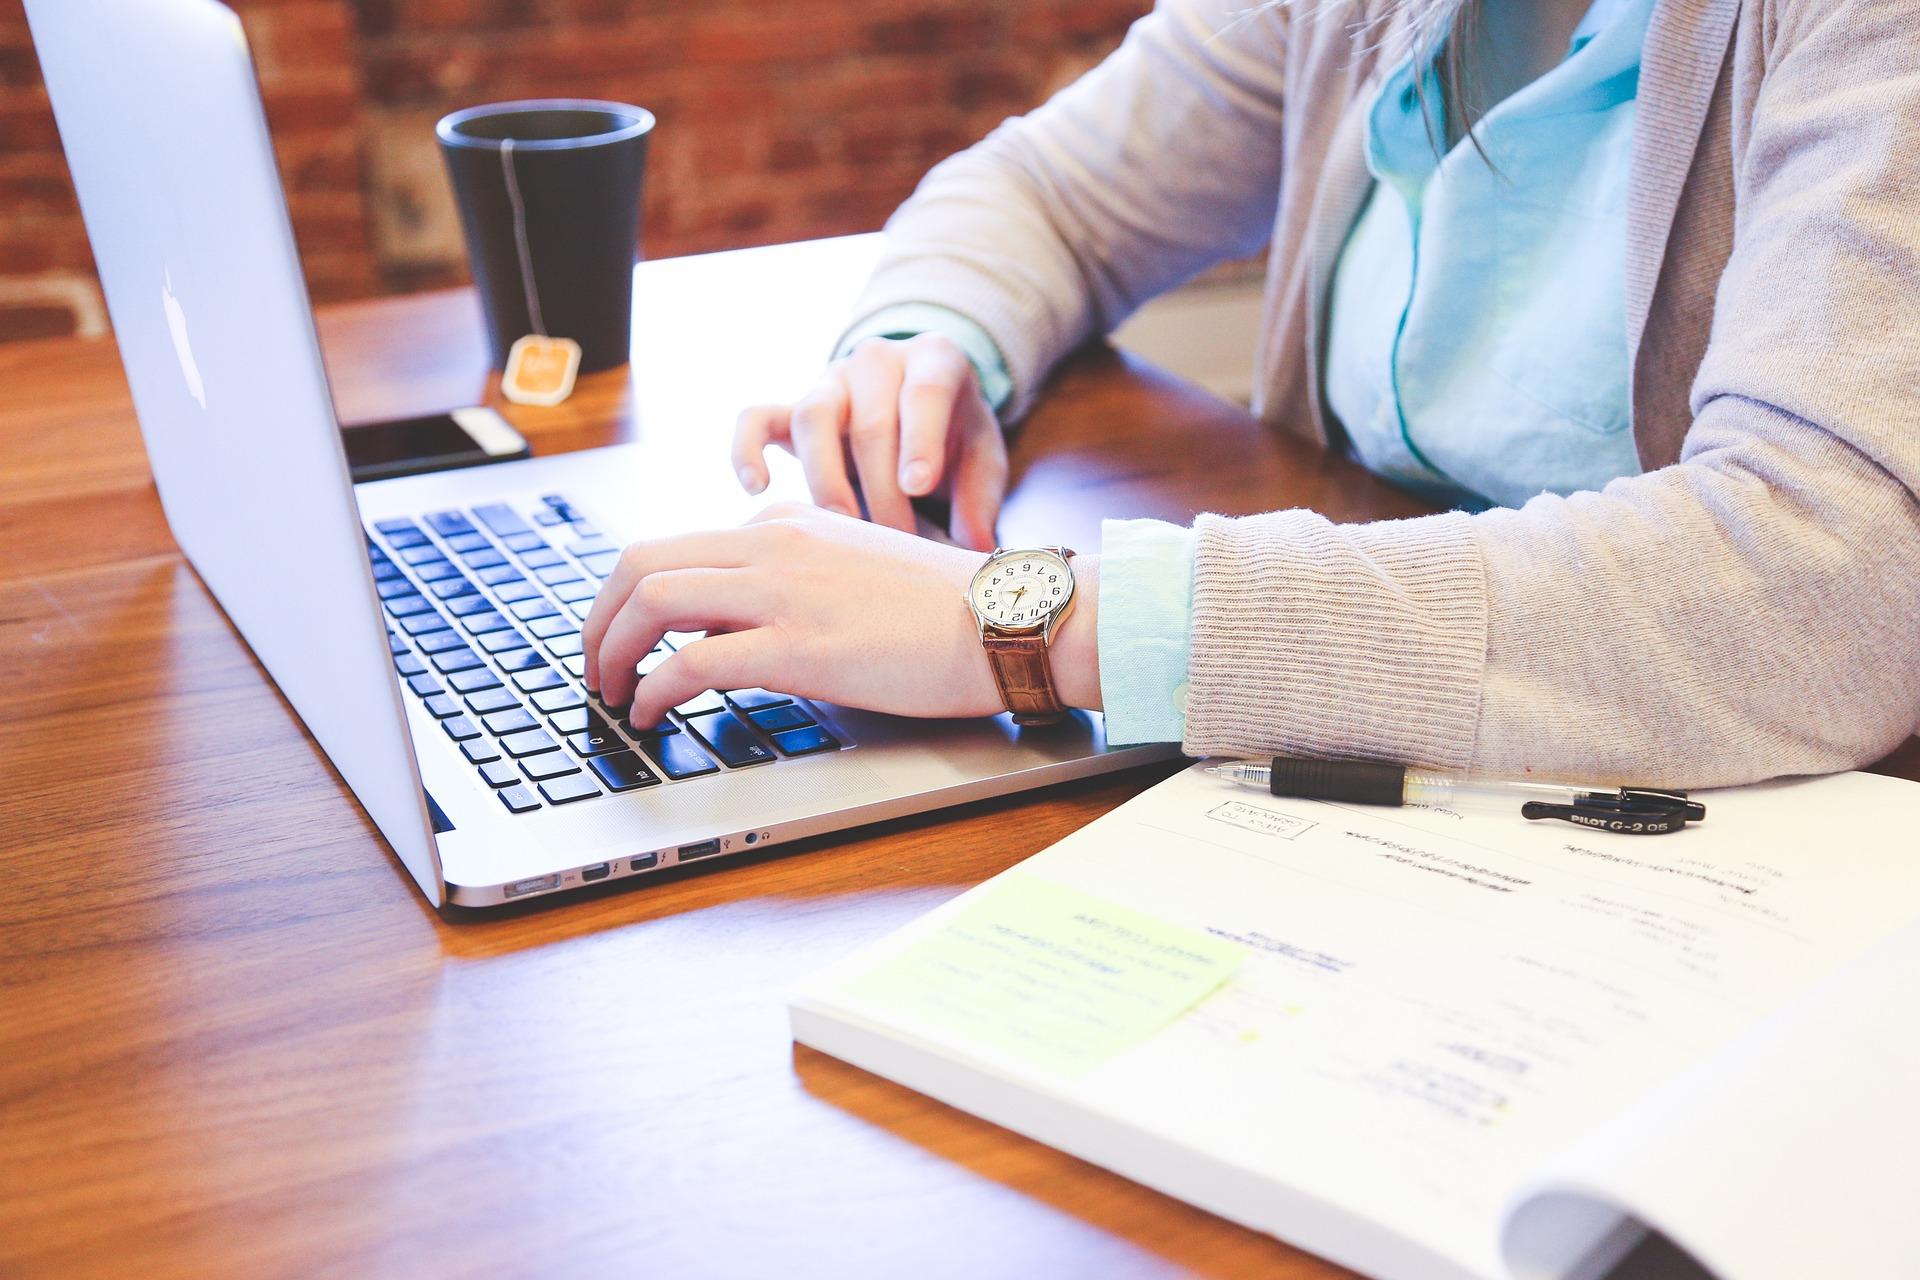 Entspannt arbeiten am Laptop